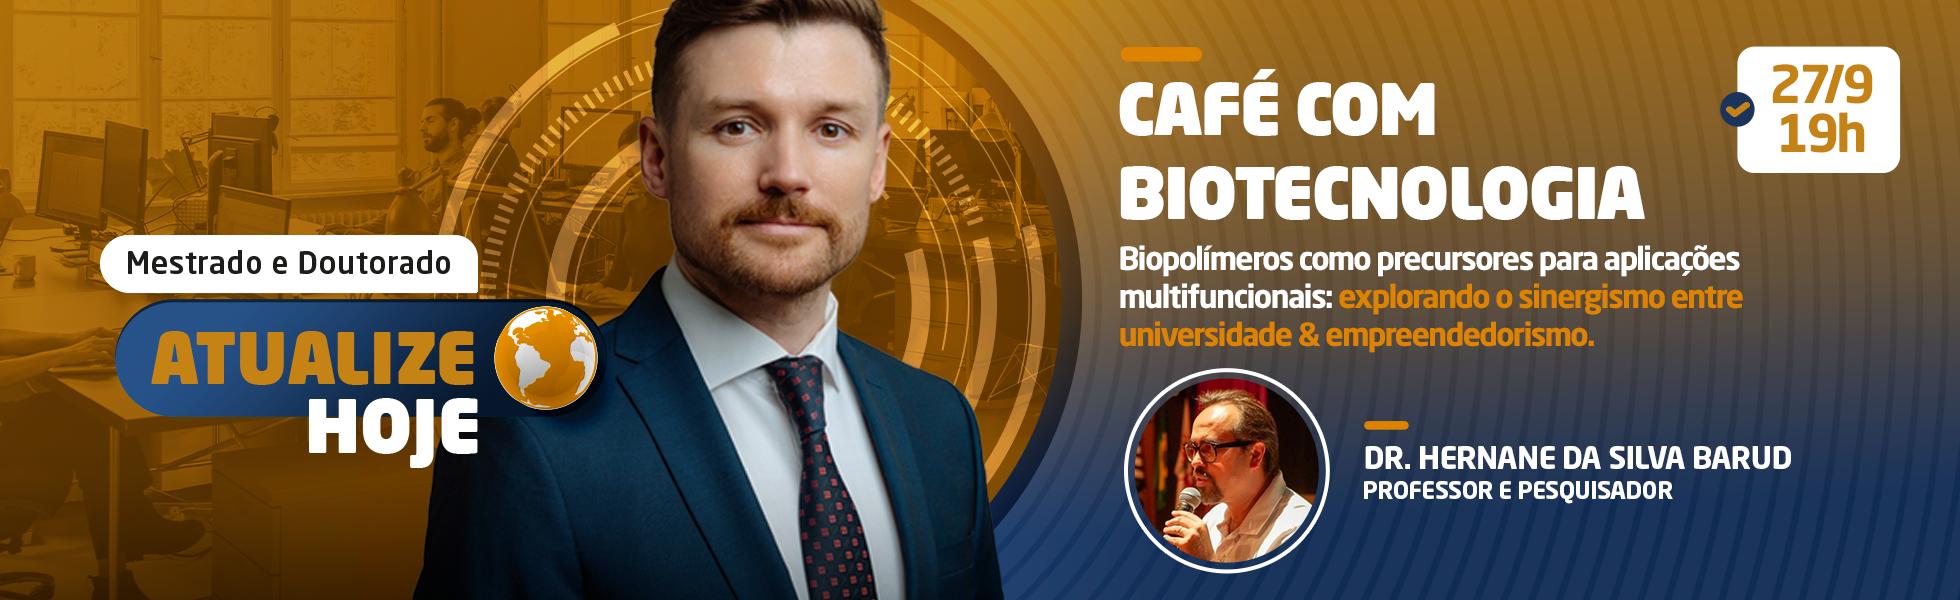 banner-cafe-com-biotecnologia